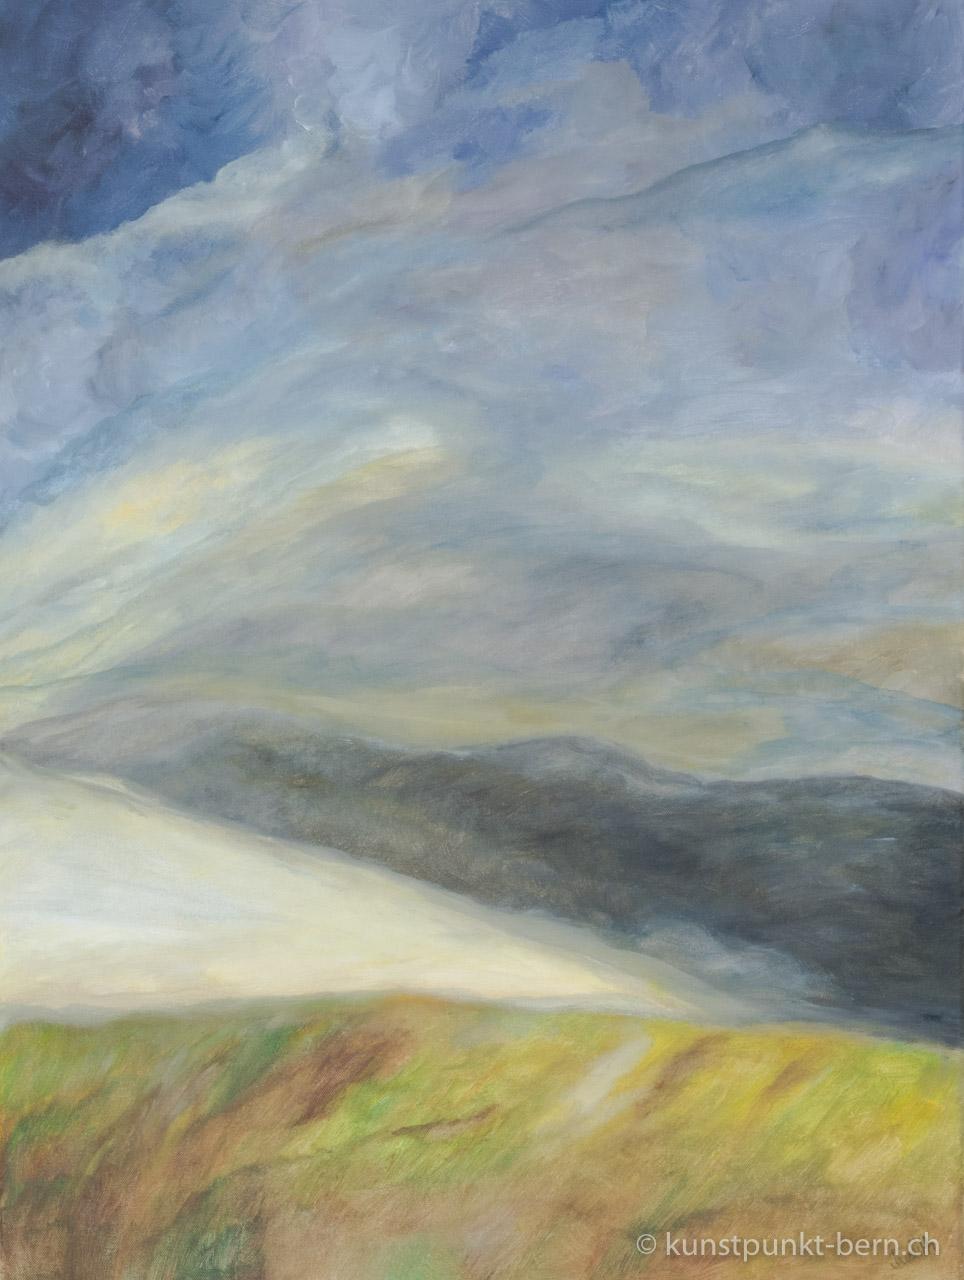 Wolkental - Acryl auf Leinwand - von Judith Kaffka - kunstpunkt-bern.ch